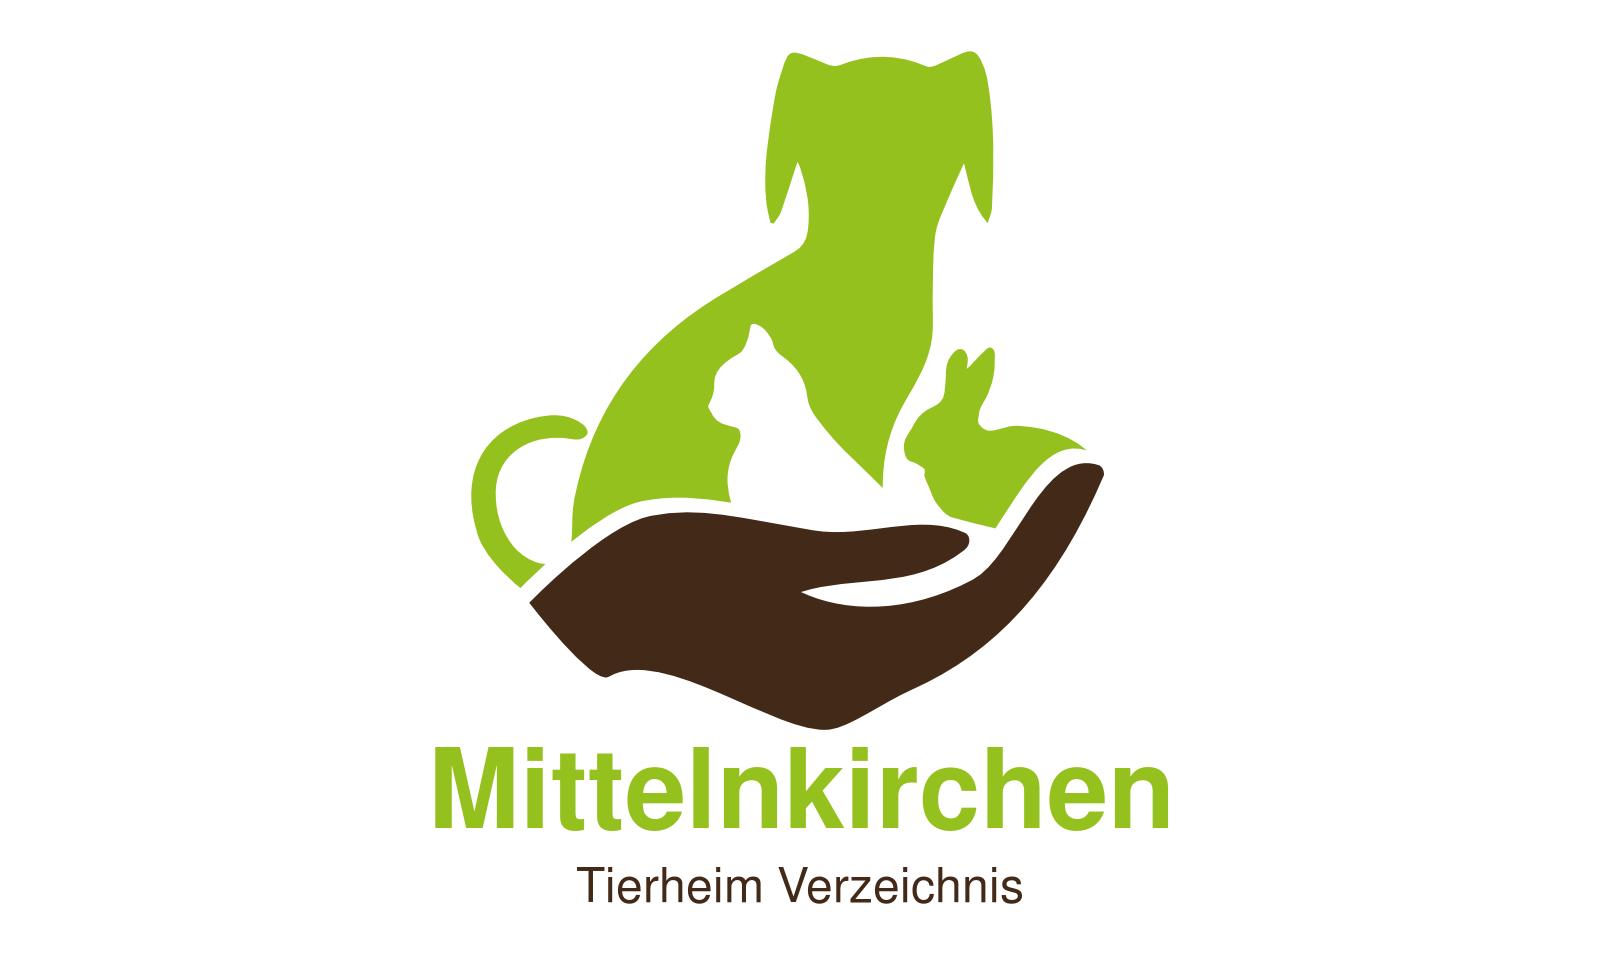 Tierheim Mittelnkirchen